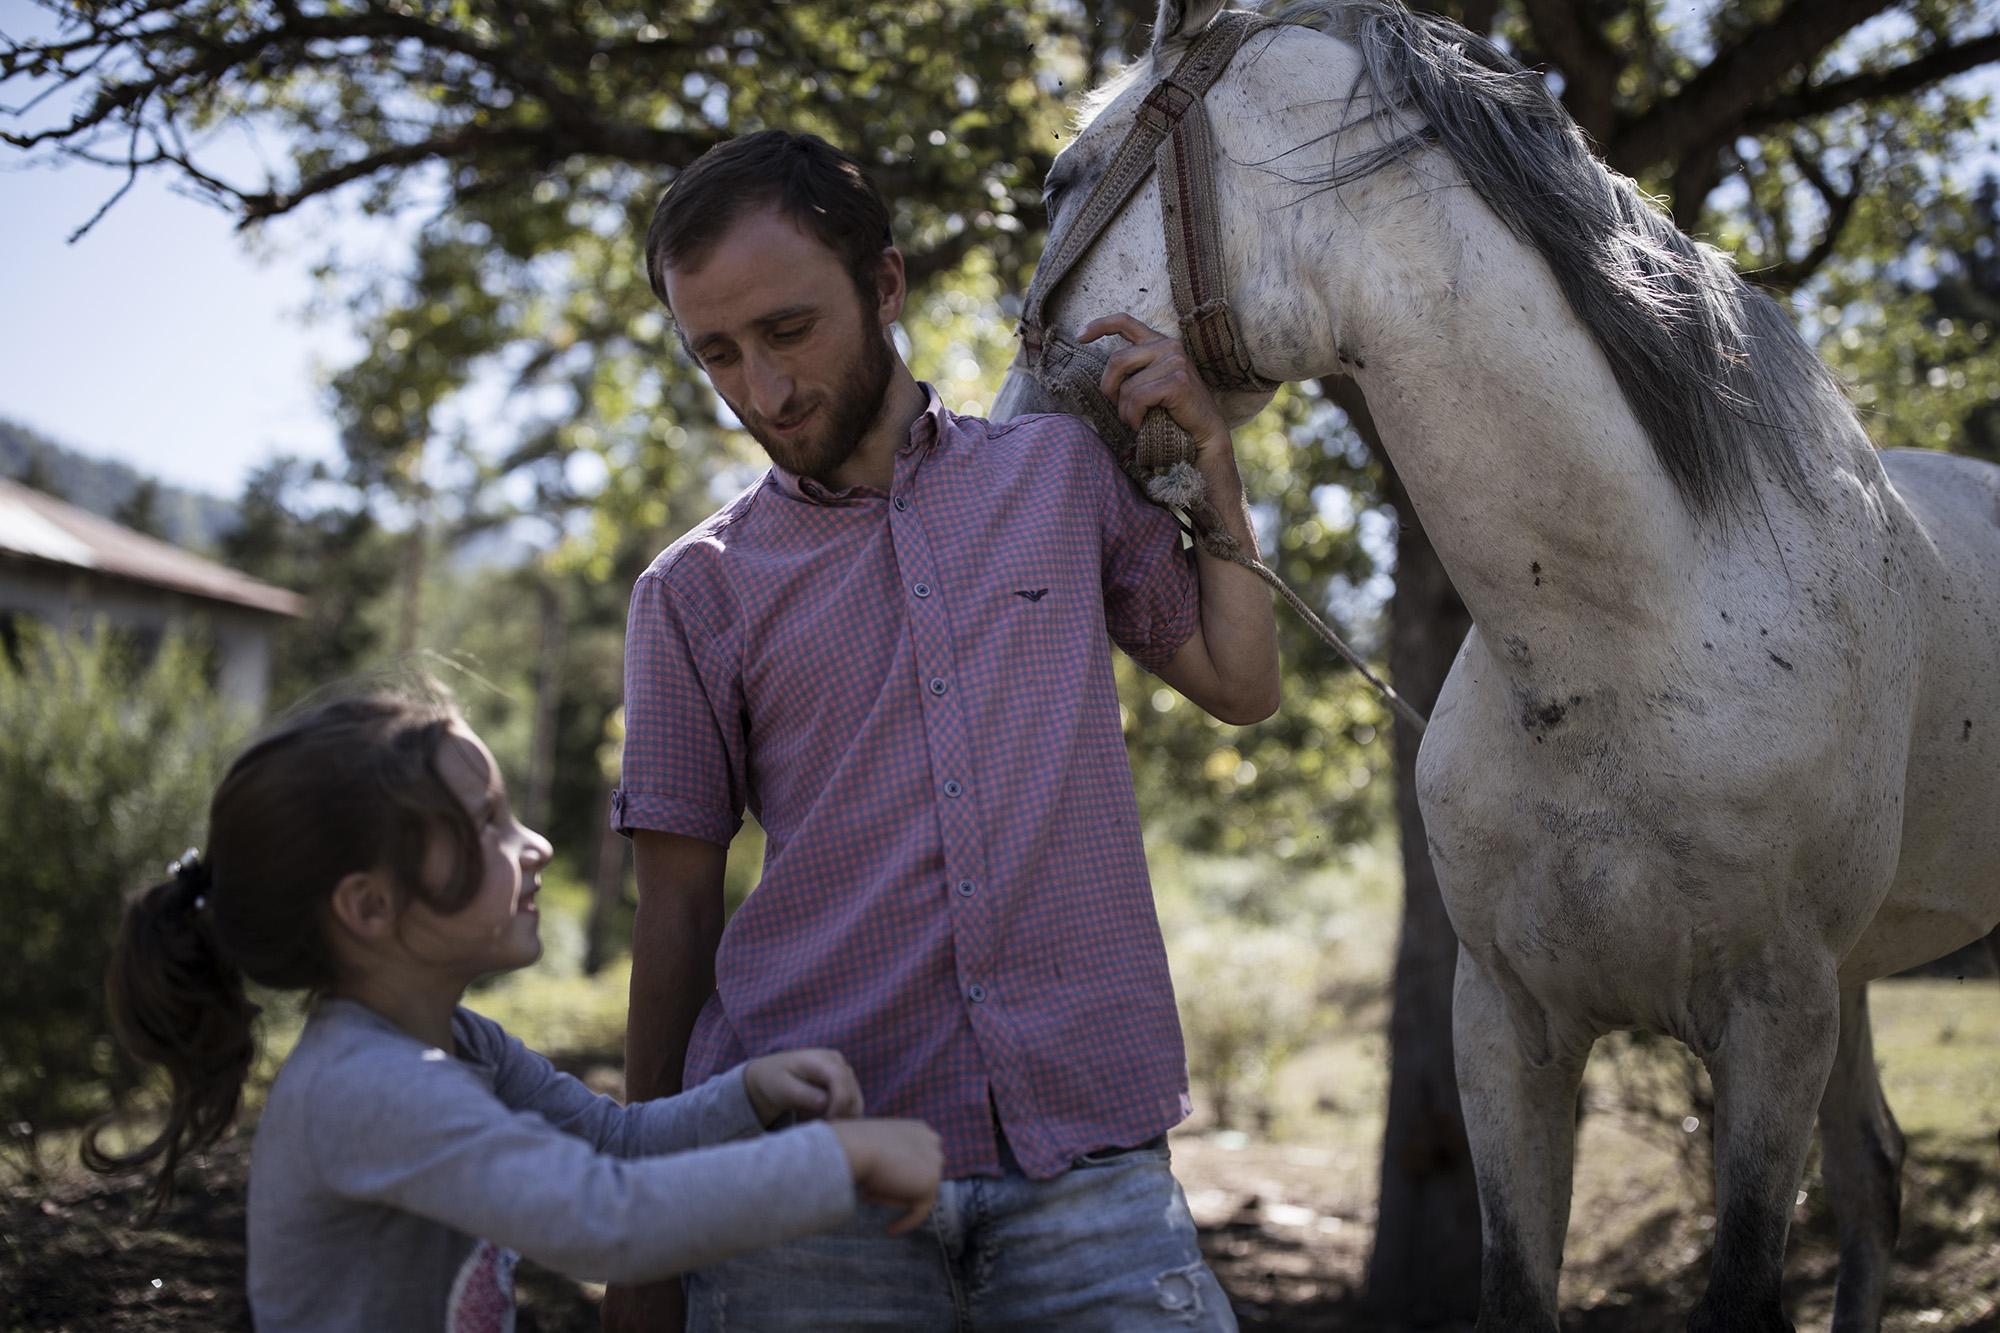 Джемал Гонгадзе с дочерью и лошадью в Ликани. Фото: Екатерина Анчевская / OC Media.